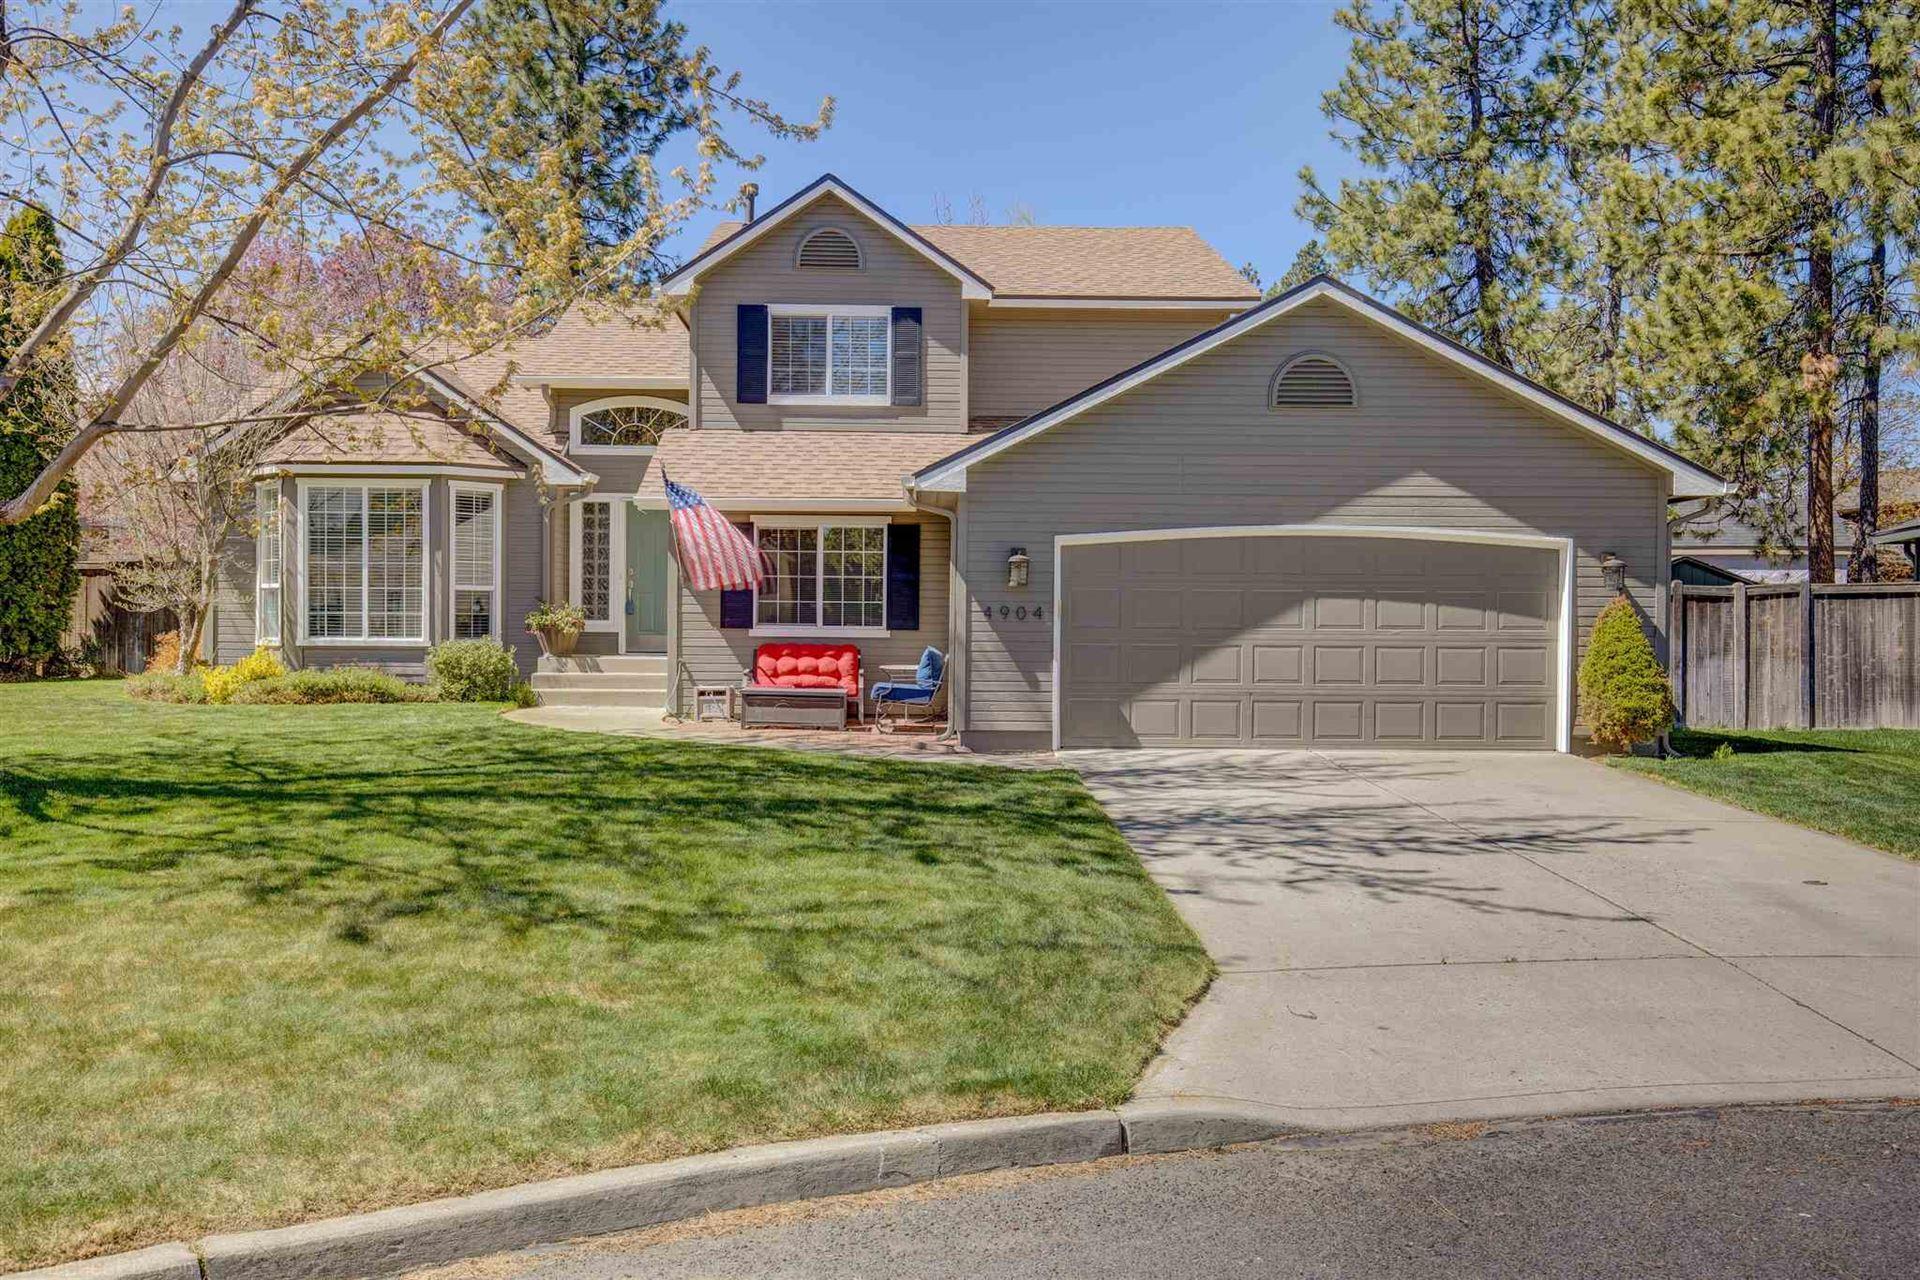 4904 S Ferrall St, Spokane, WA 99223 - #: 202114682